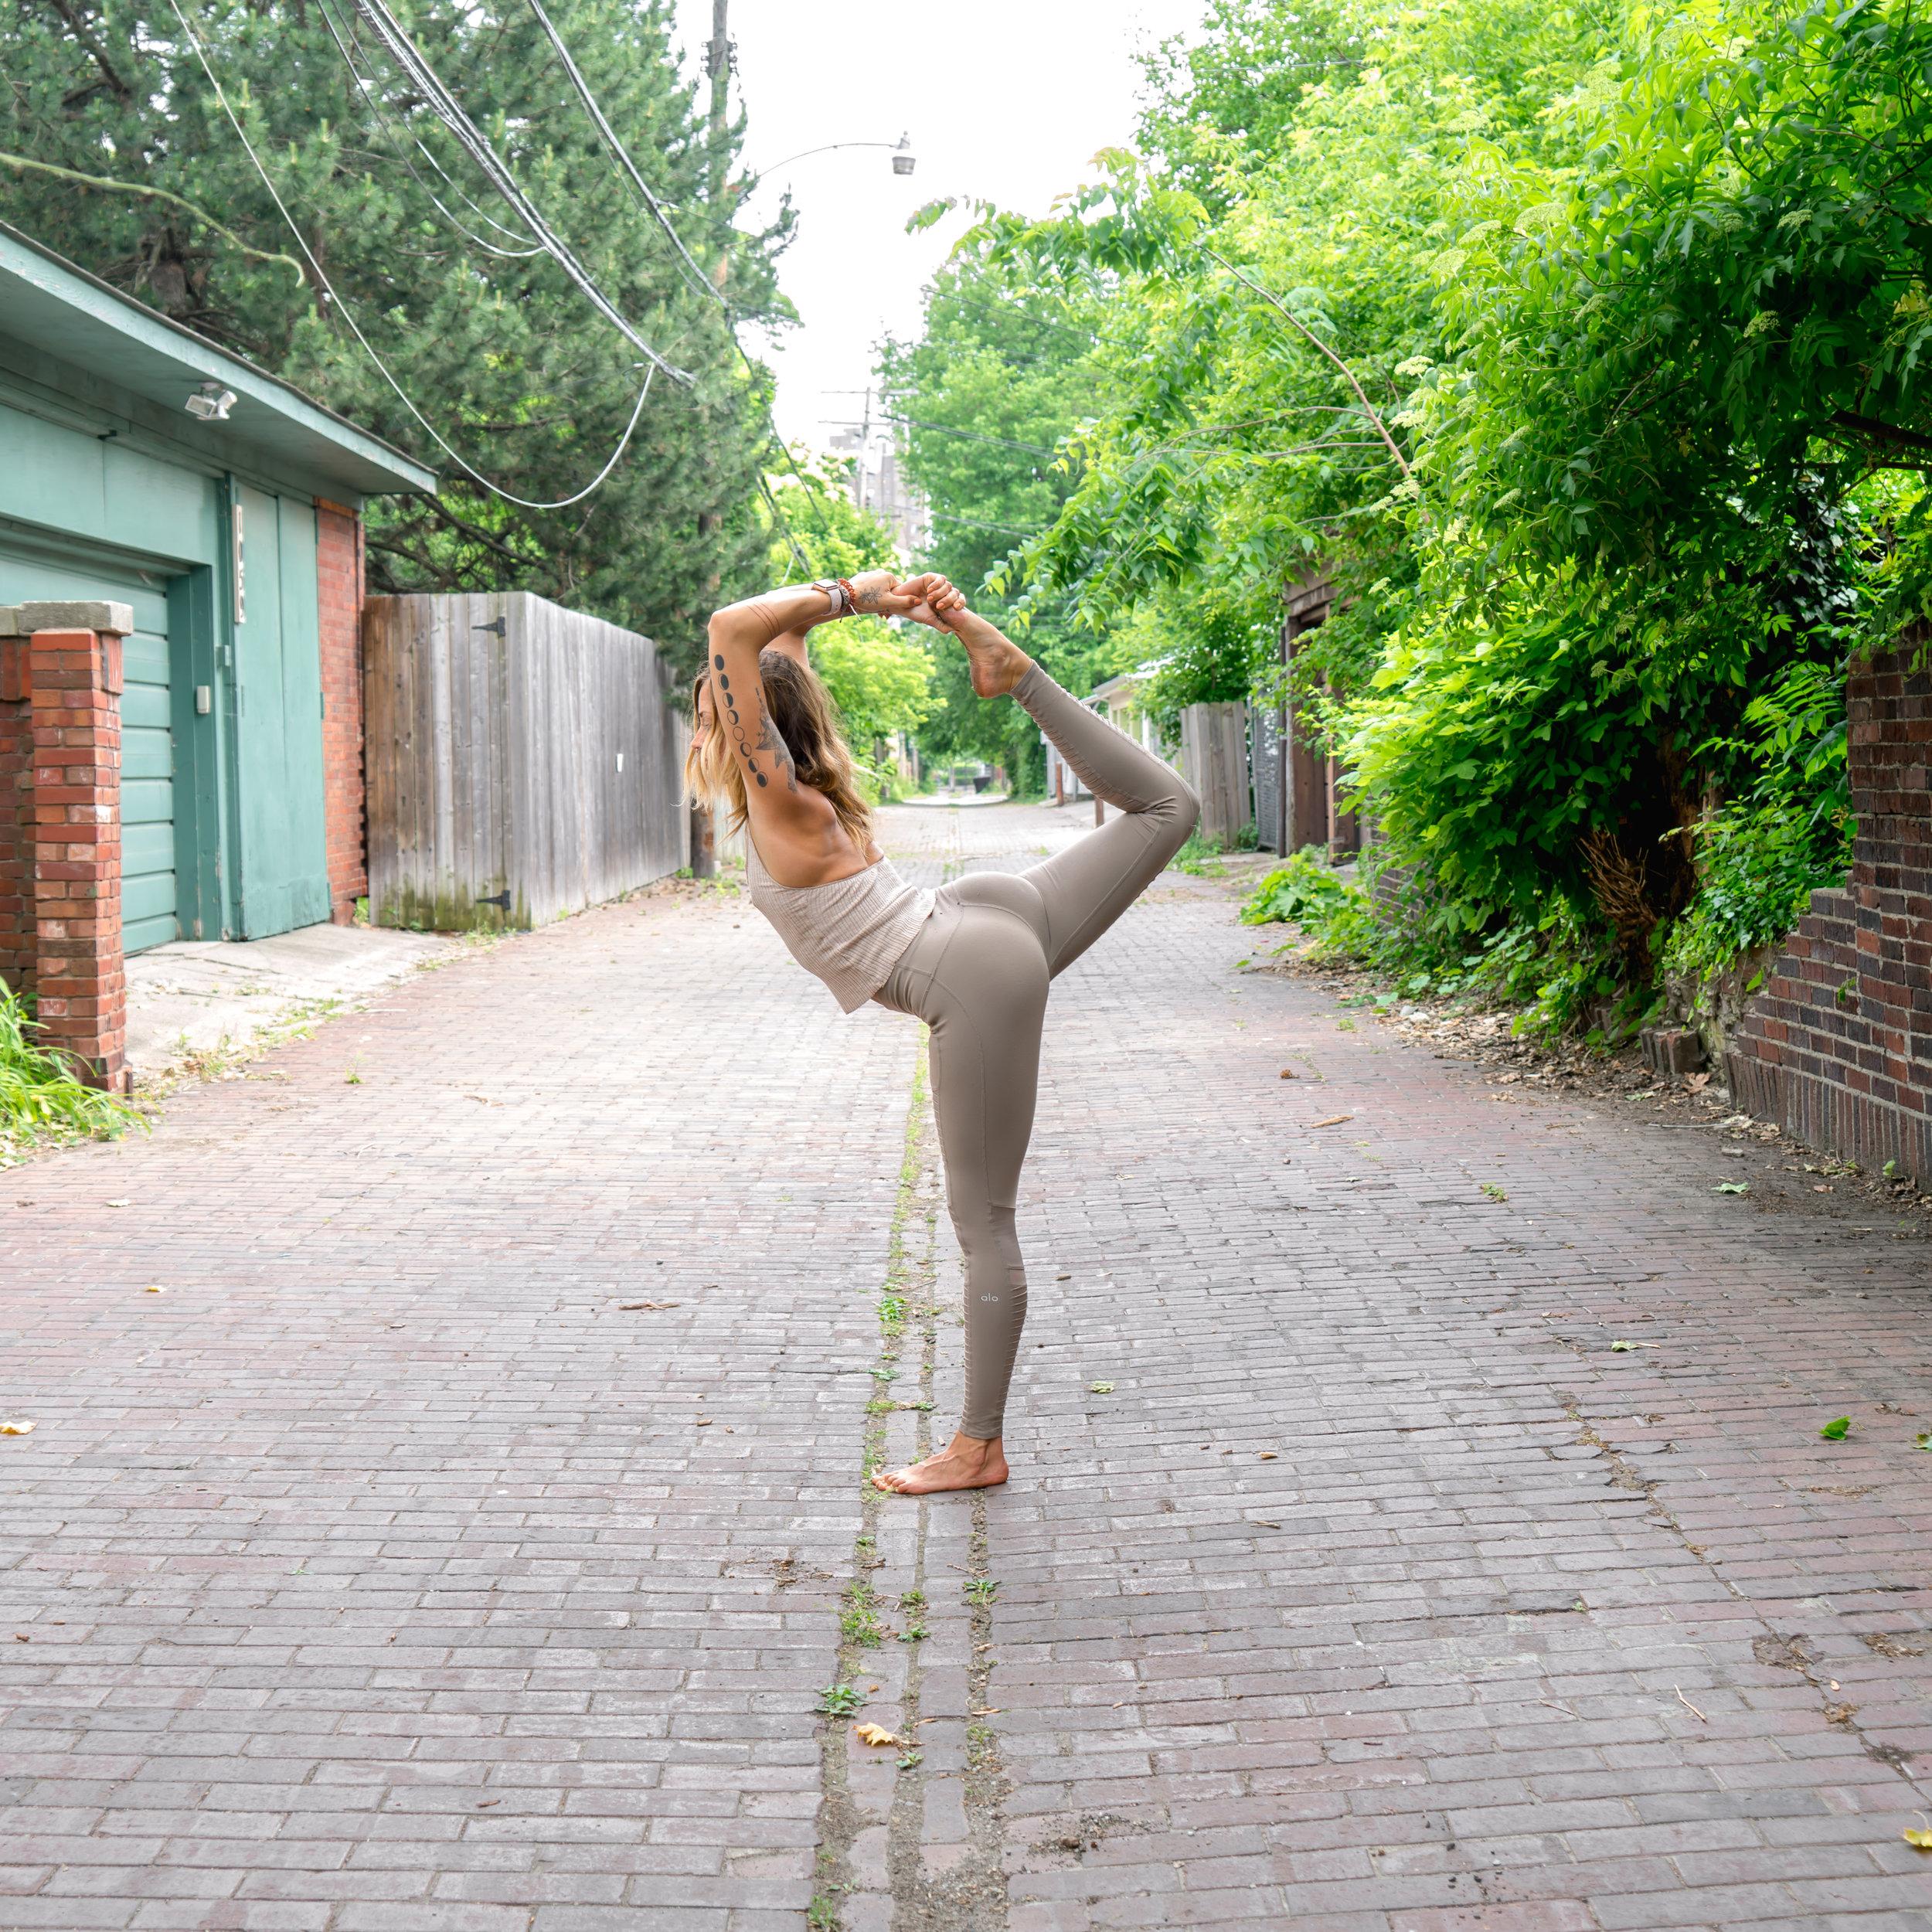 King dancer